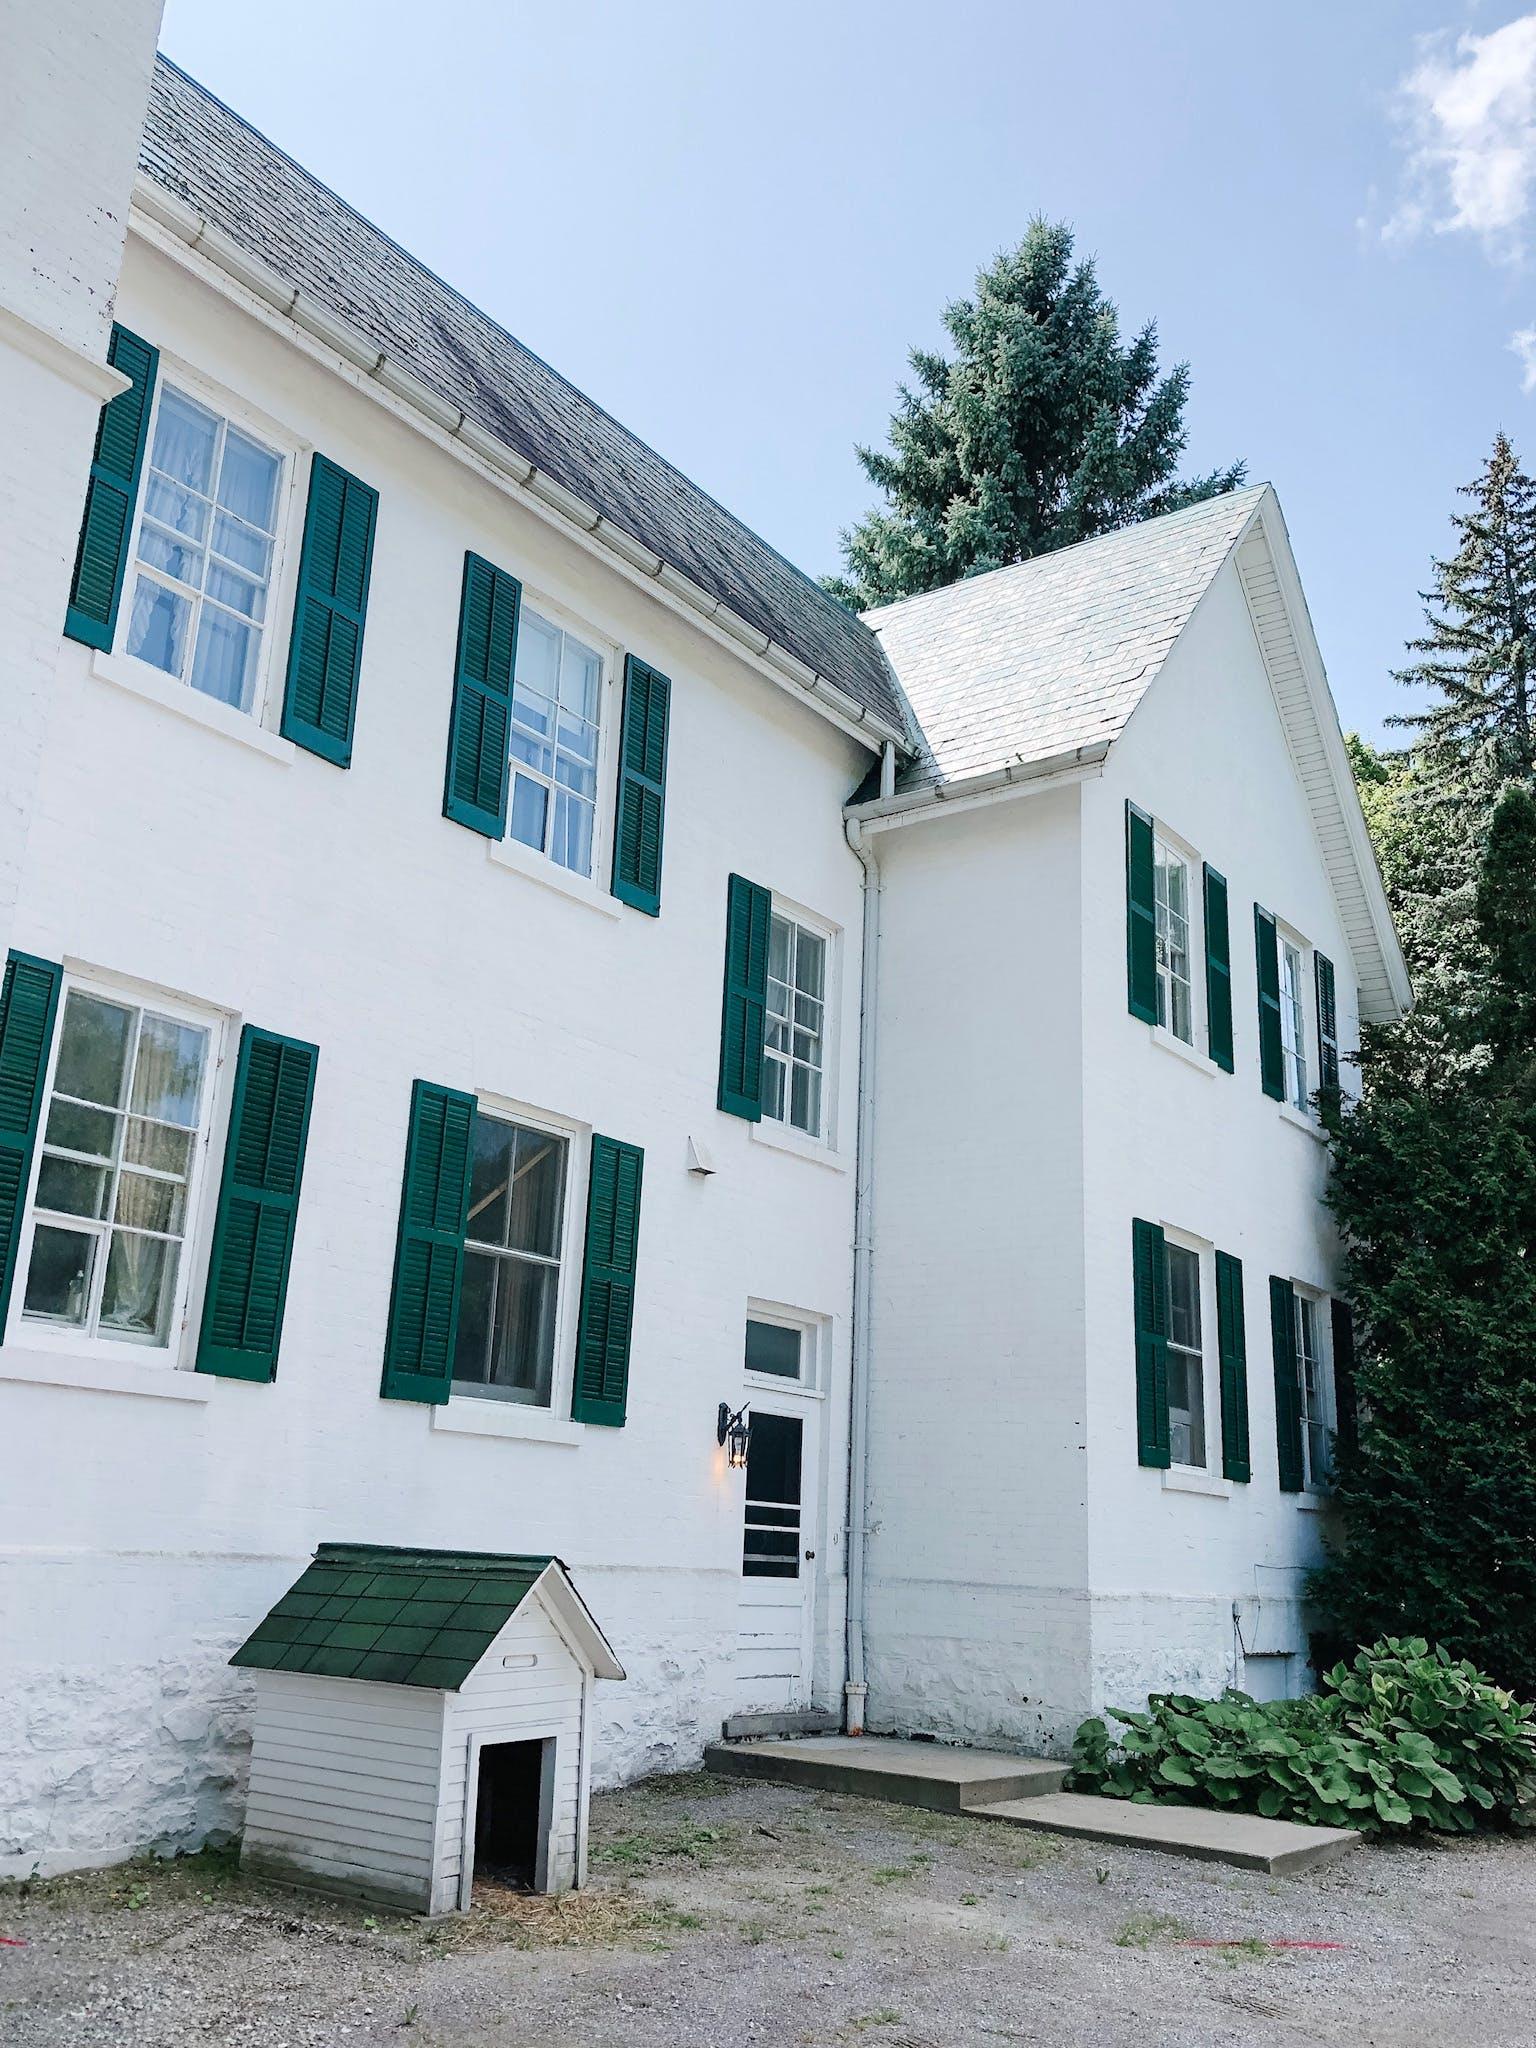 Mulock House